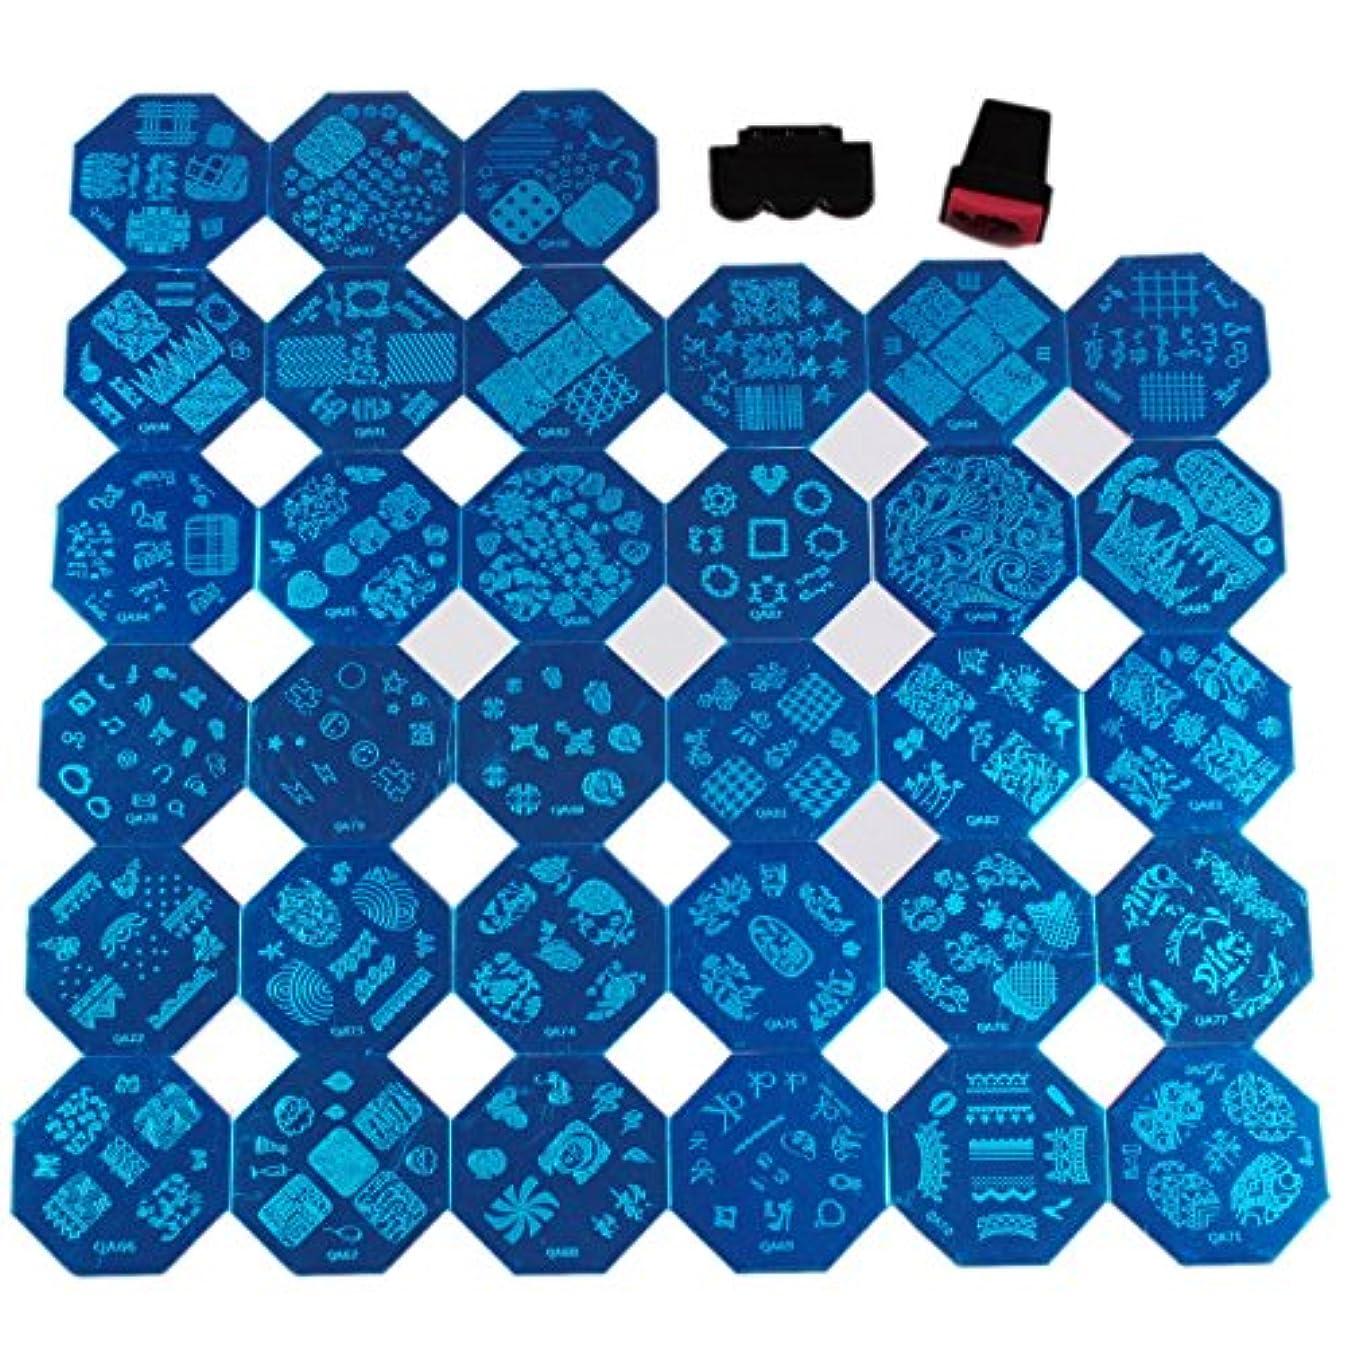 病弱眼八FingerAngel ネイルイメージプレートセット 八角形ネイルプレート 33枚 スタンプ スクレーパー付き ネイルサロンも自宅も適用なネイルプレート 初心者に簡単に仕上がるネイルアート